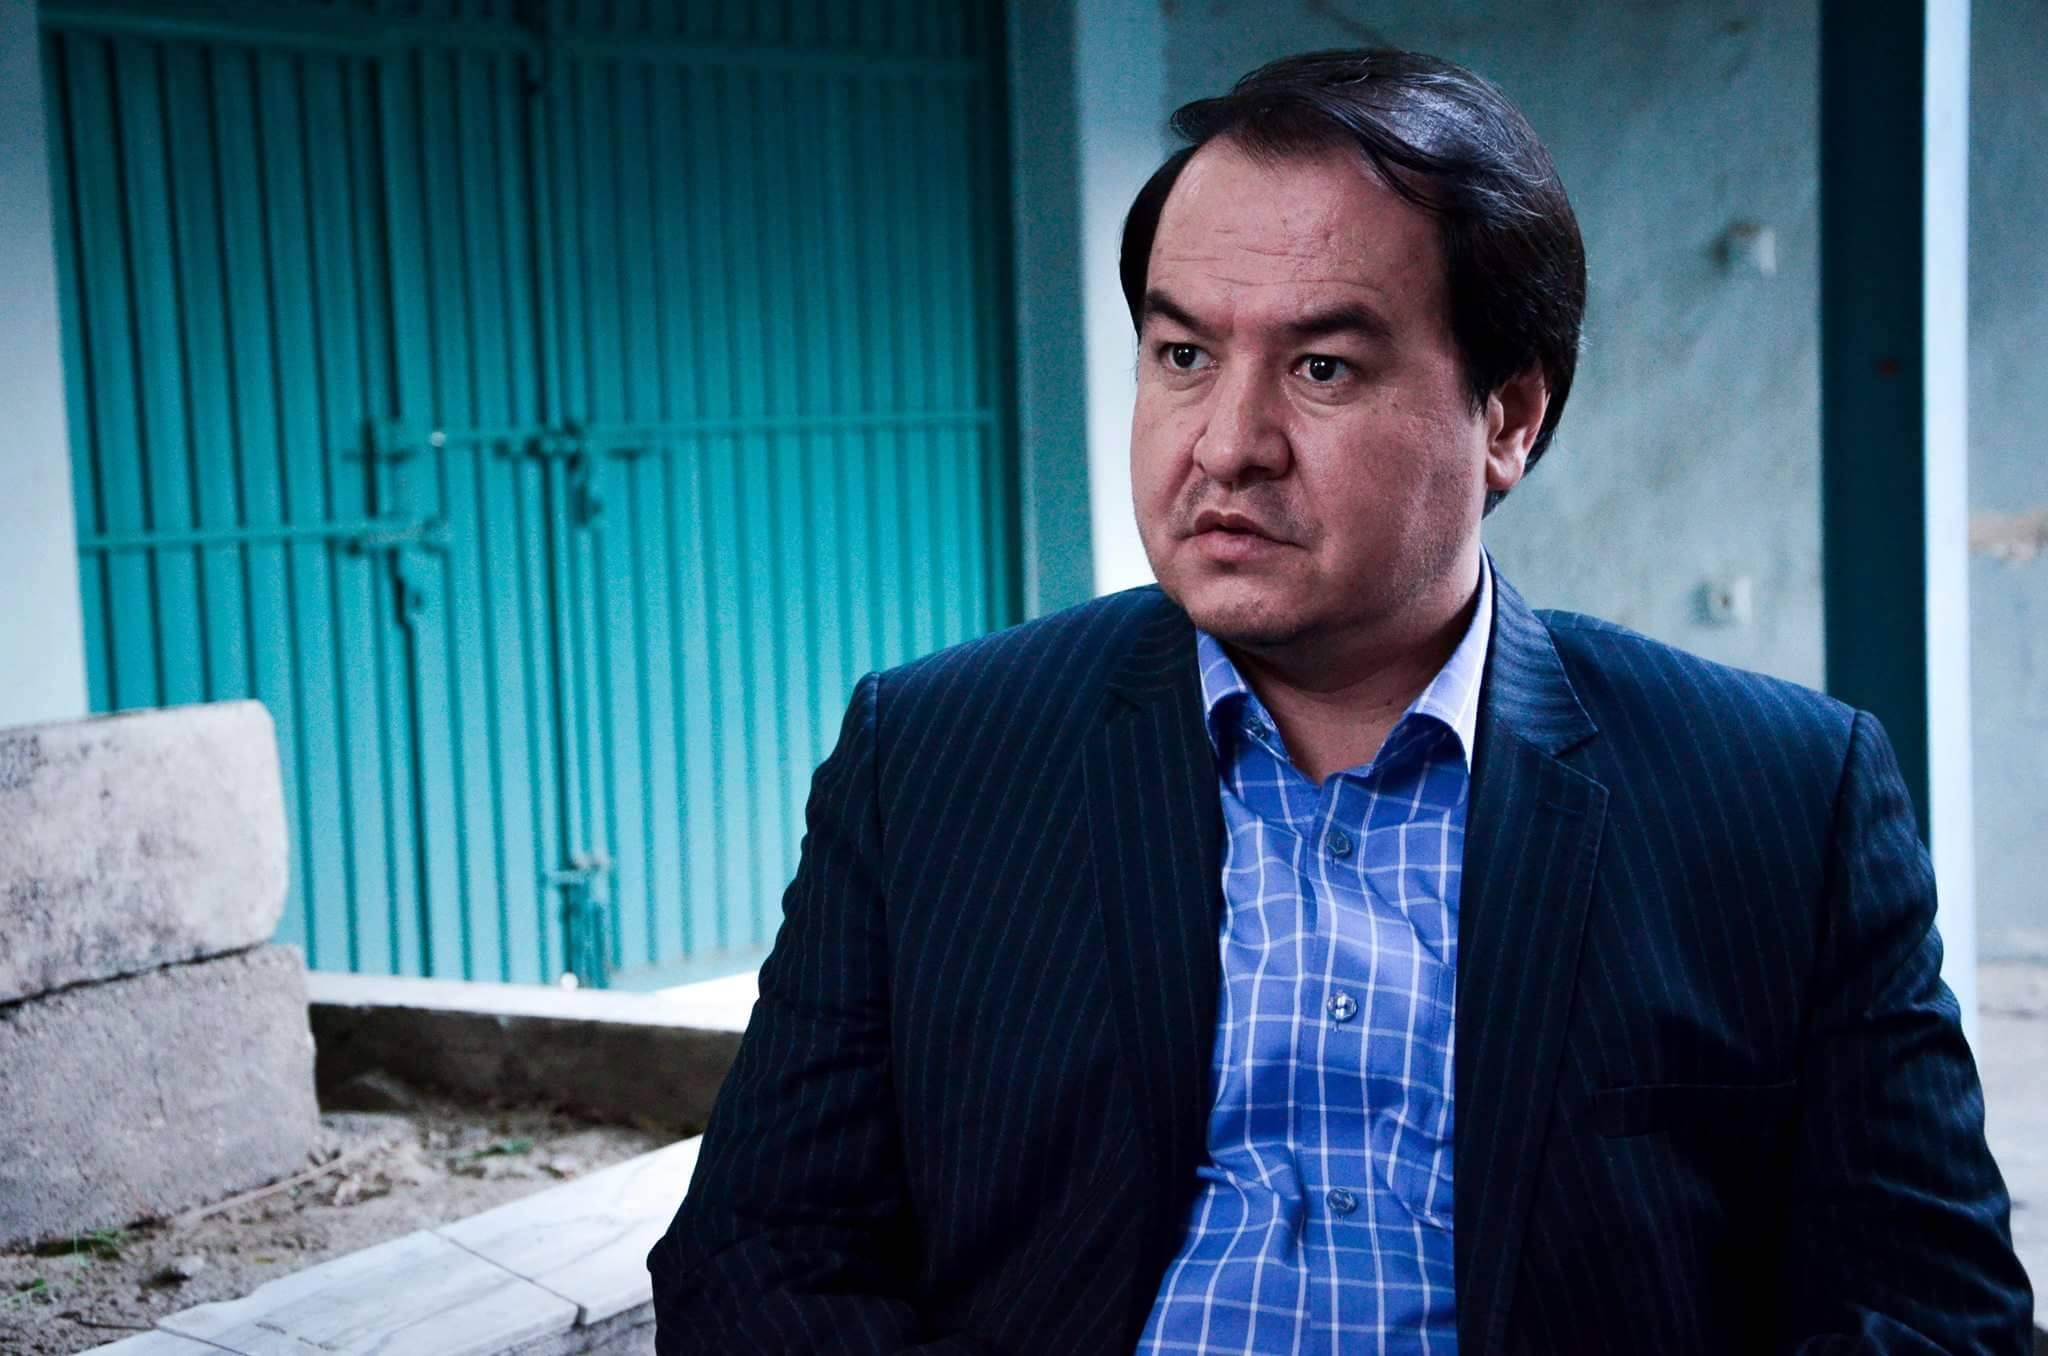 محمد عارف رحمانی، نمایندهی مردم غزنی در مجلس نمایندگان افغانستان / عکس: رسانههای اجتماعی